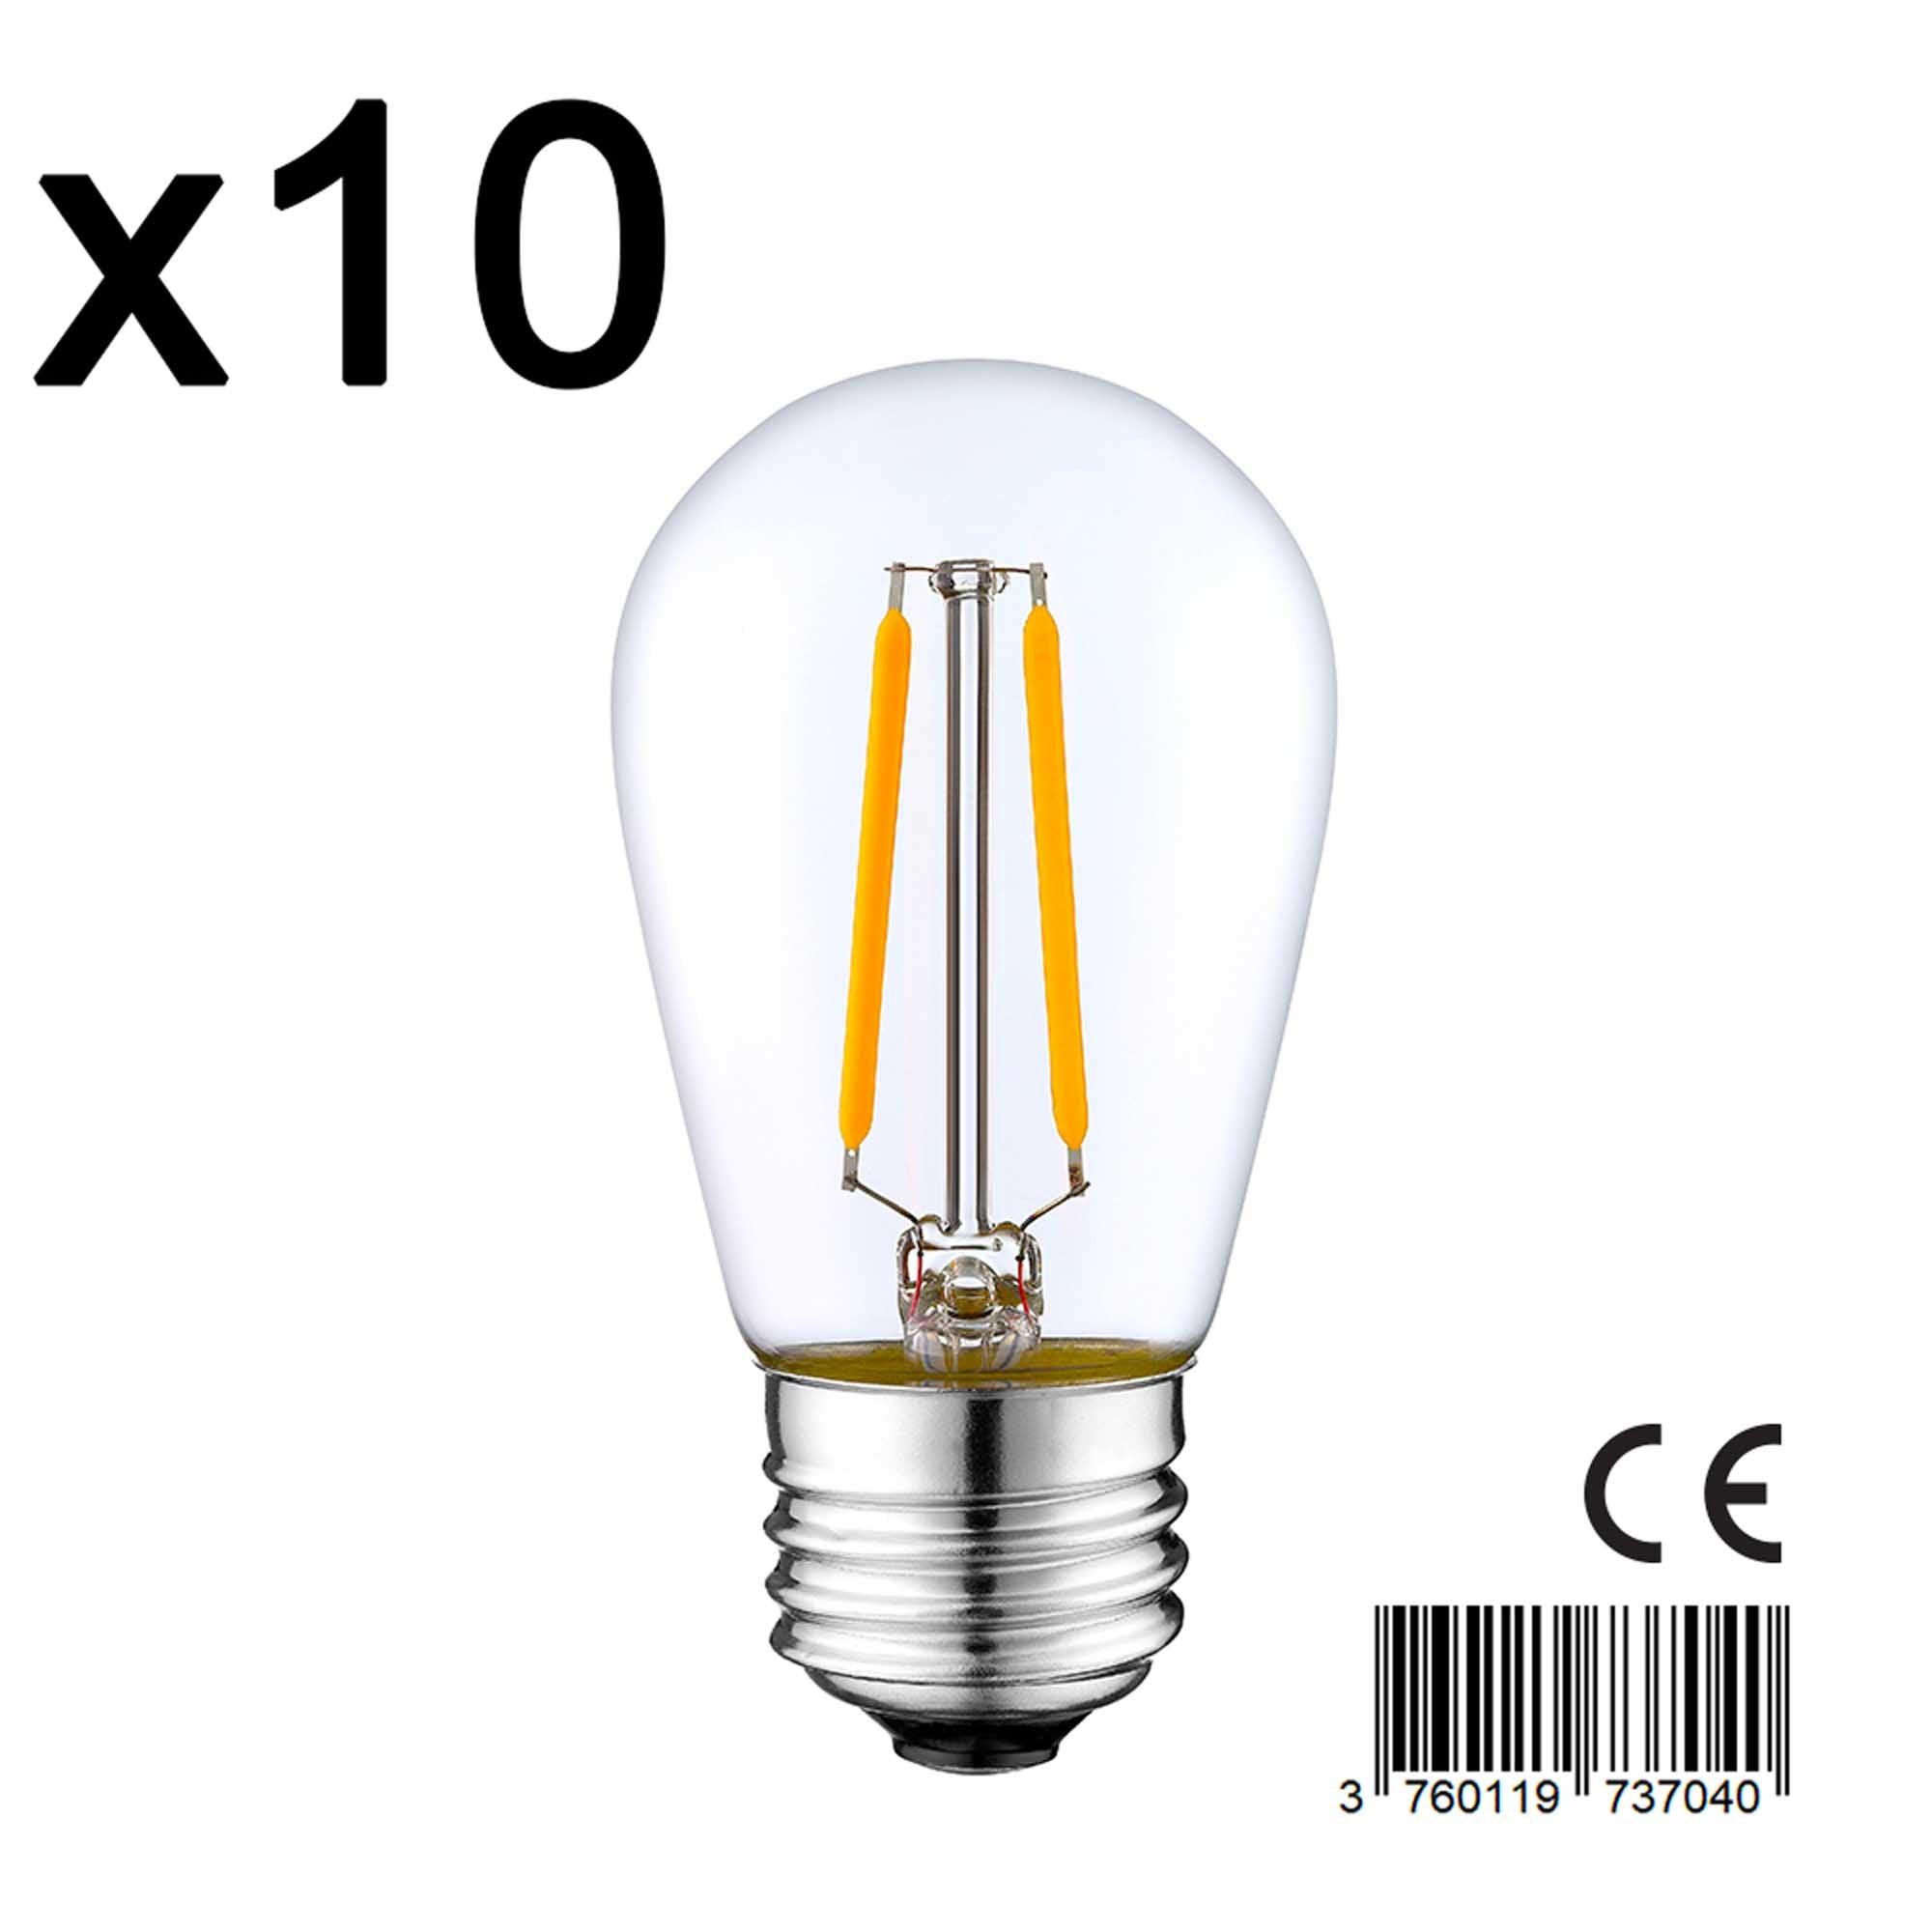 Lot de 10 ampoules verre transparent 2w H10cm